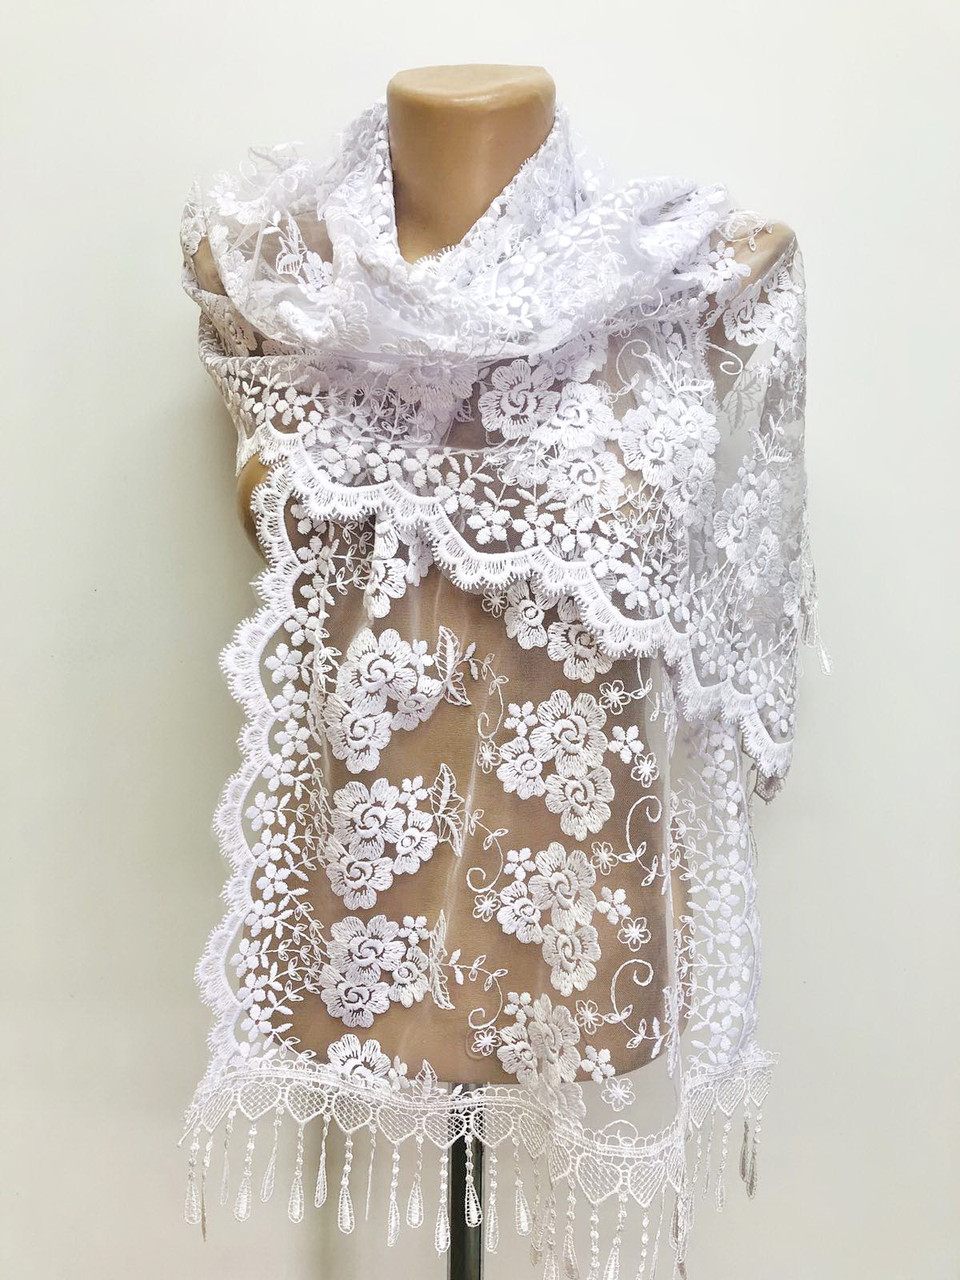 Шарф белый ажурный фатиновый свадебный церковный 150018